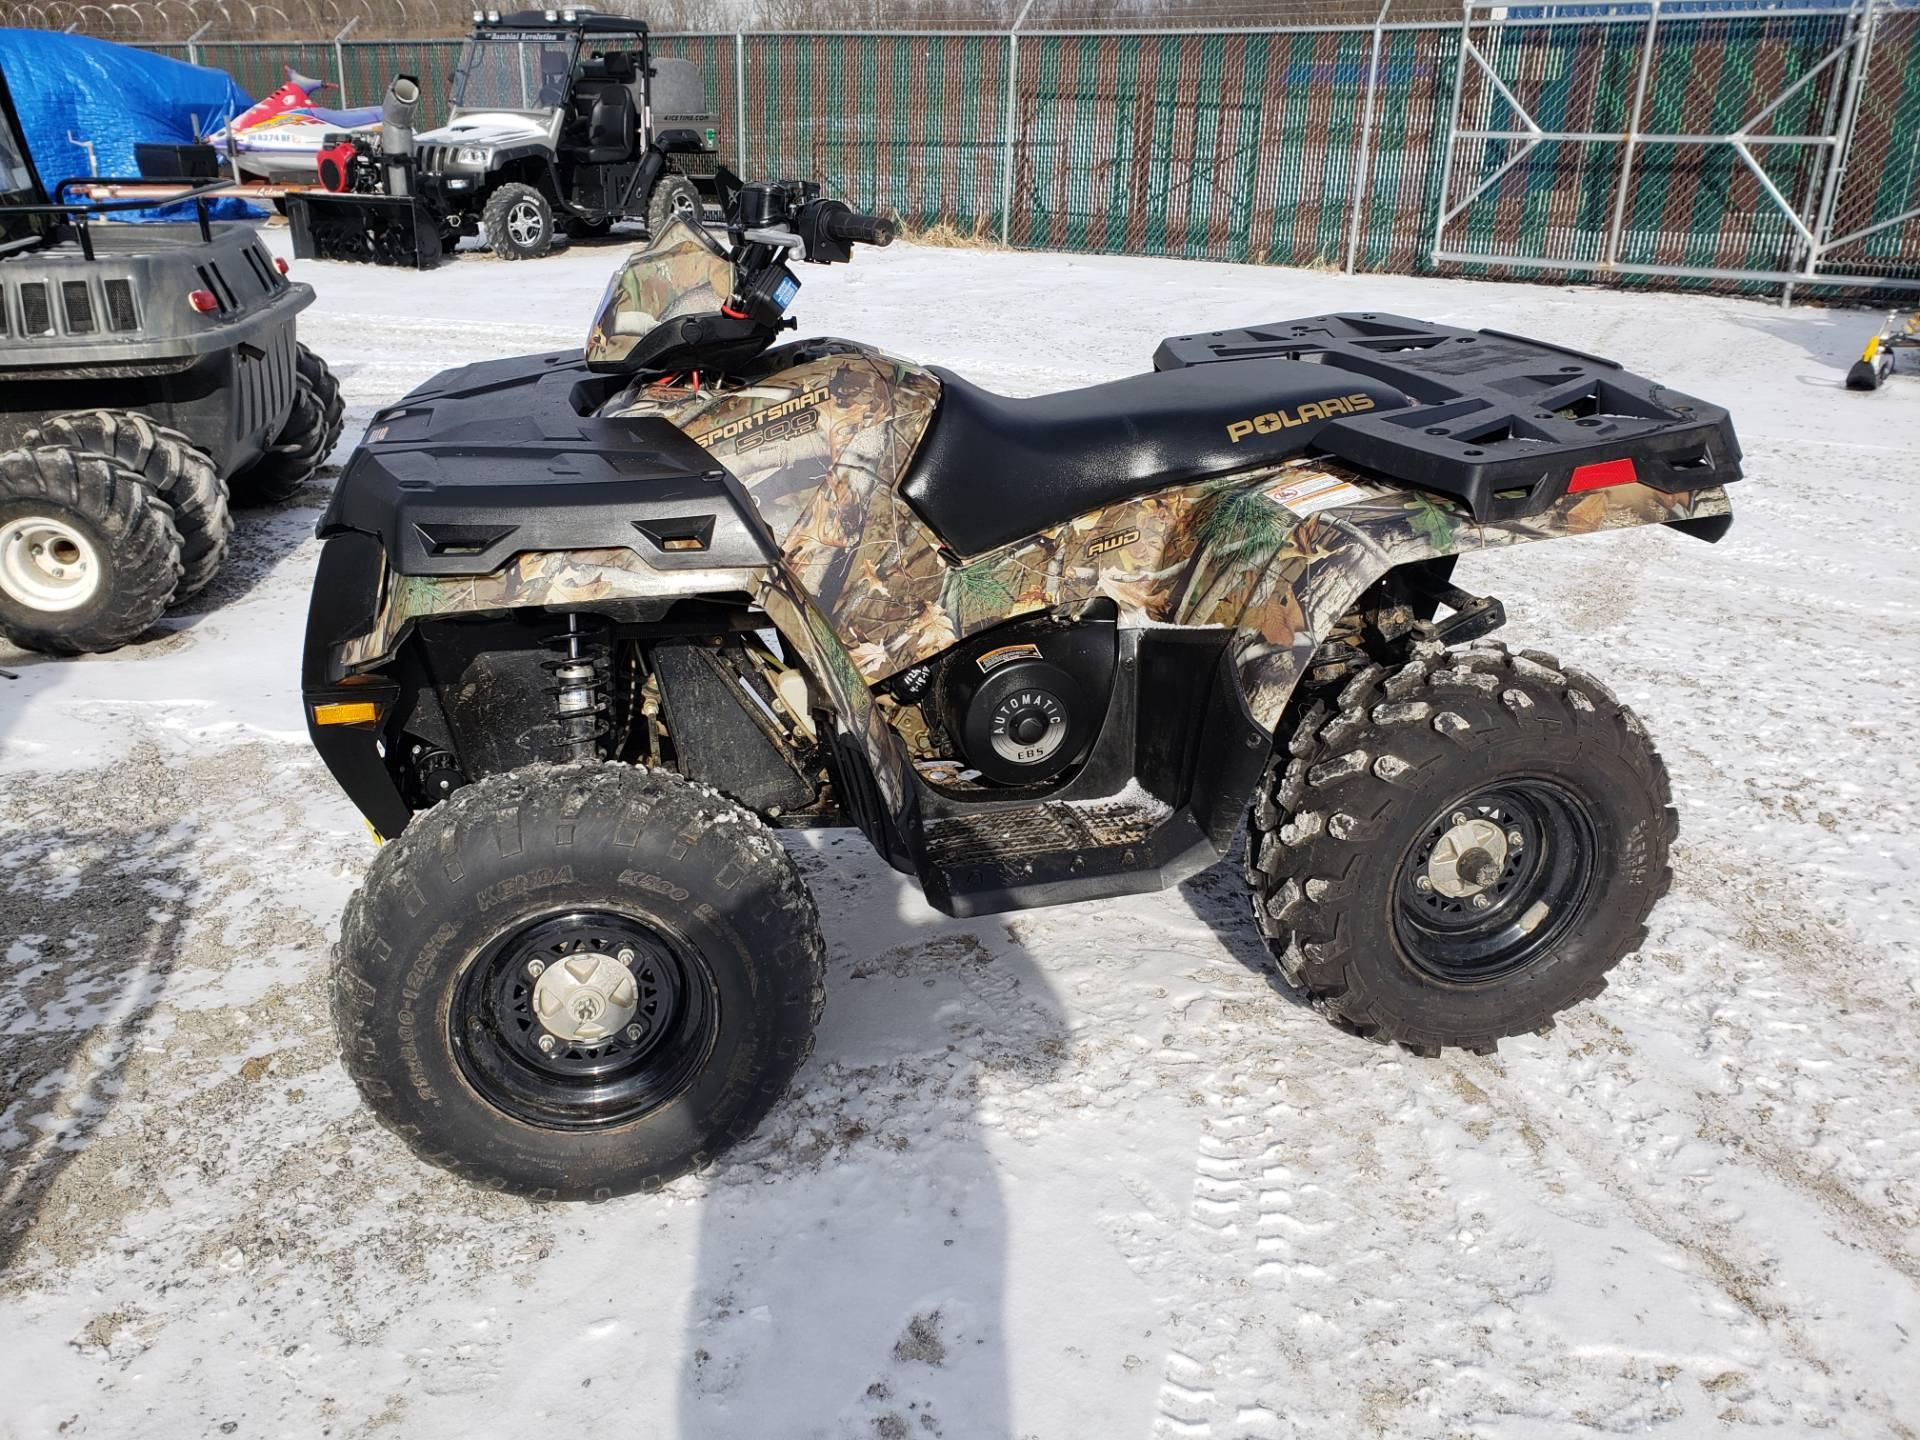 Used 2013 Polaris Sportsman 500 HO ATVs in Pierceton, IN | Stock